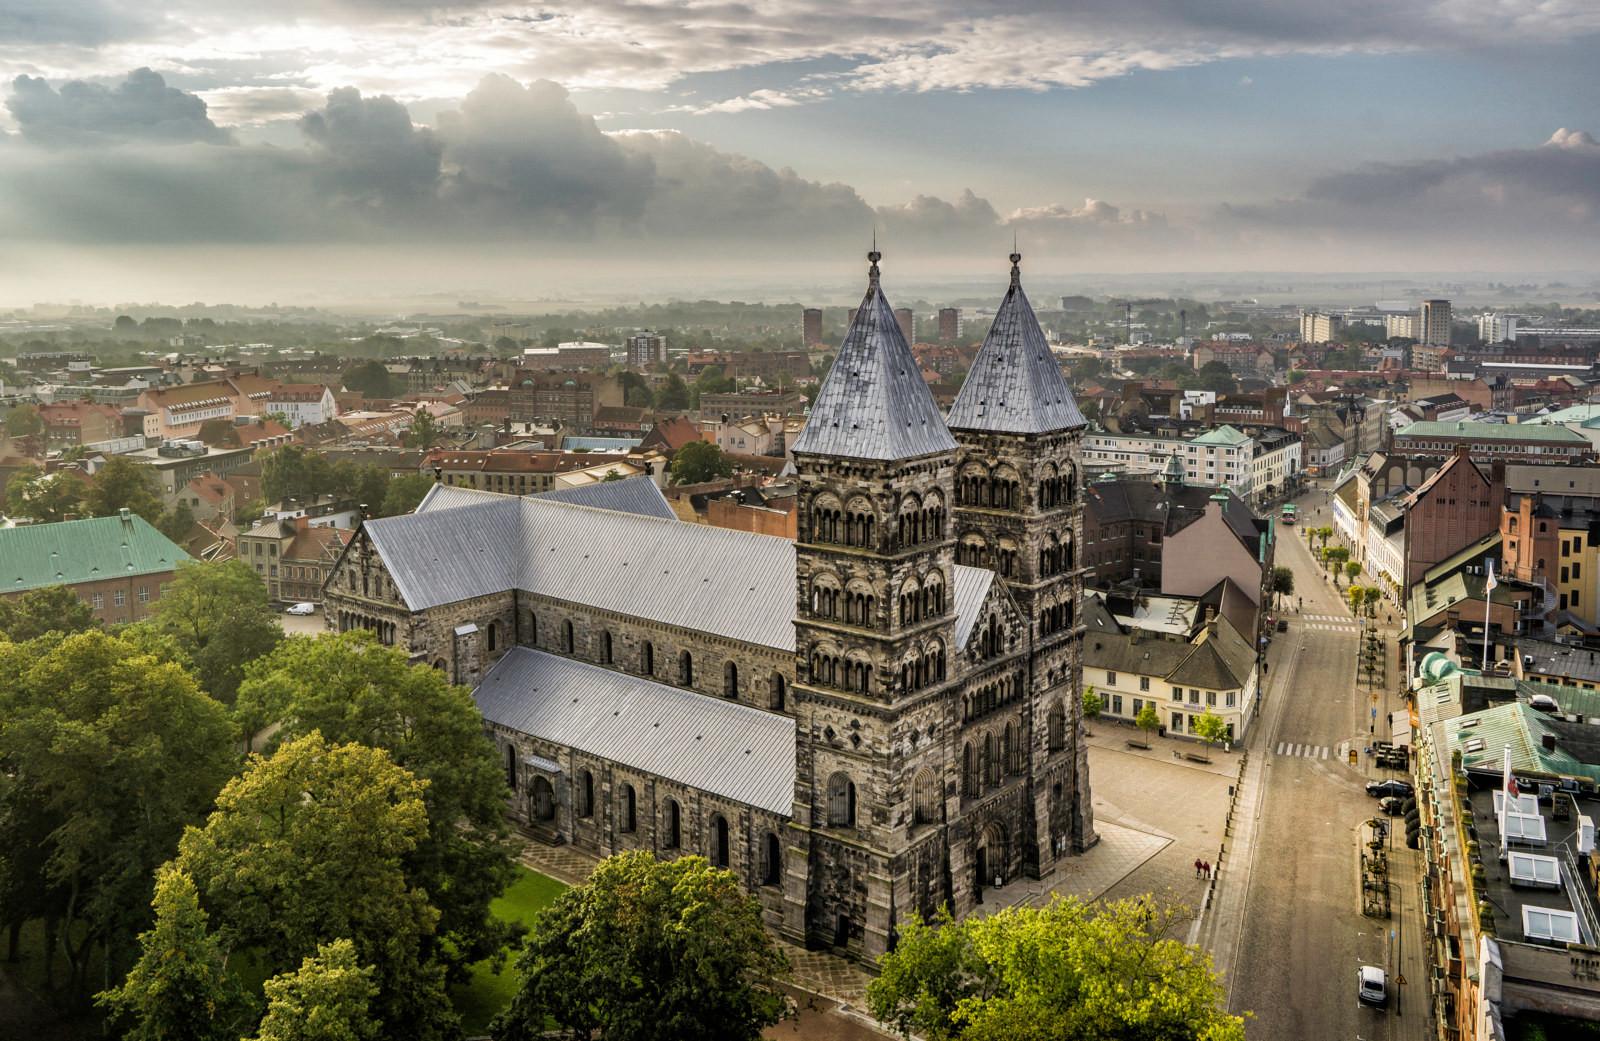 Capítulo 8 - Catedral de Lund